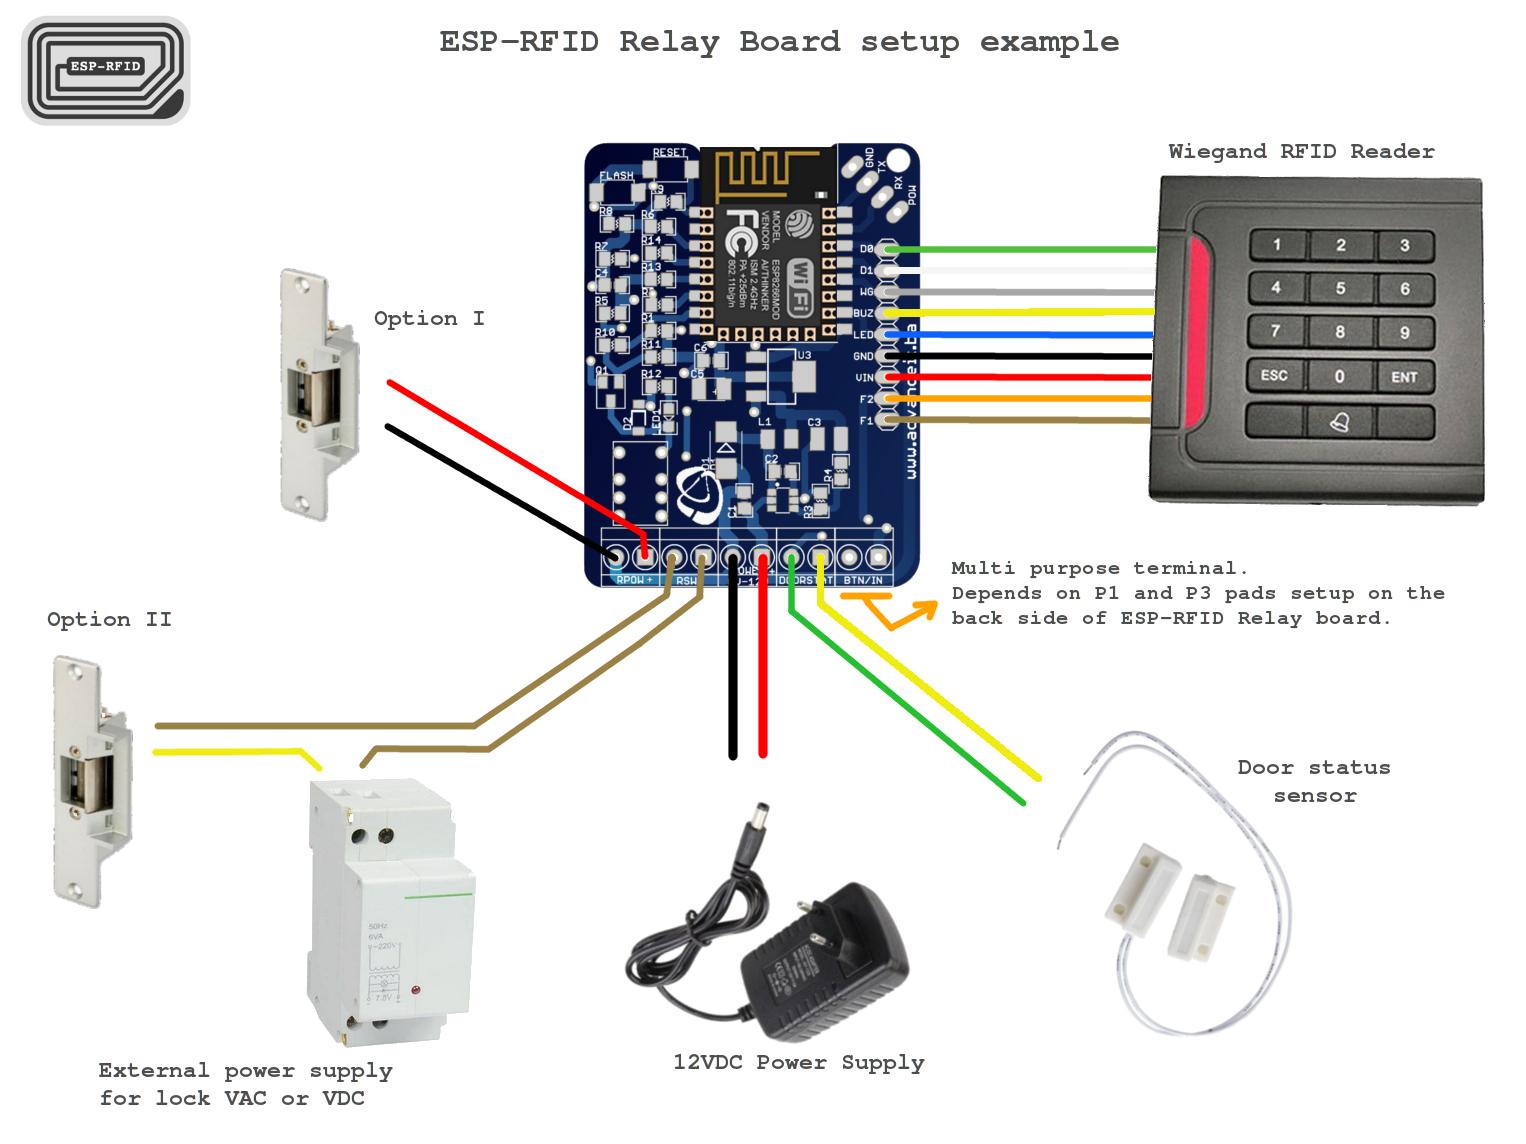 GitHub - esprfid/esp-rfid-relay-board